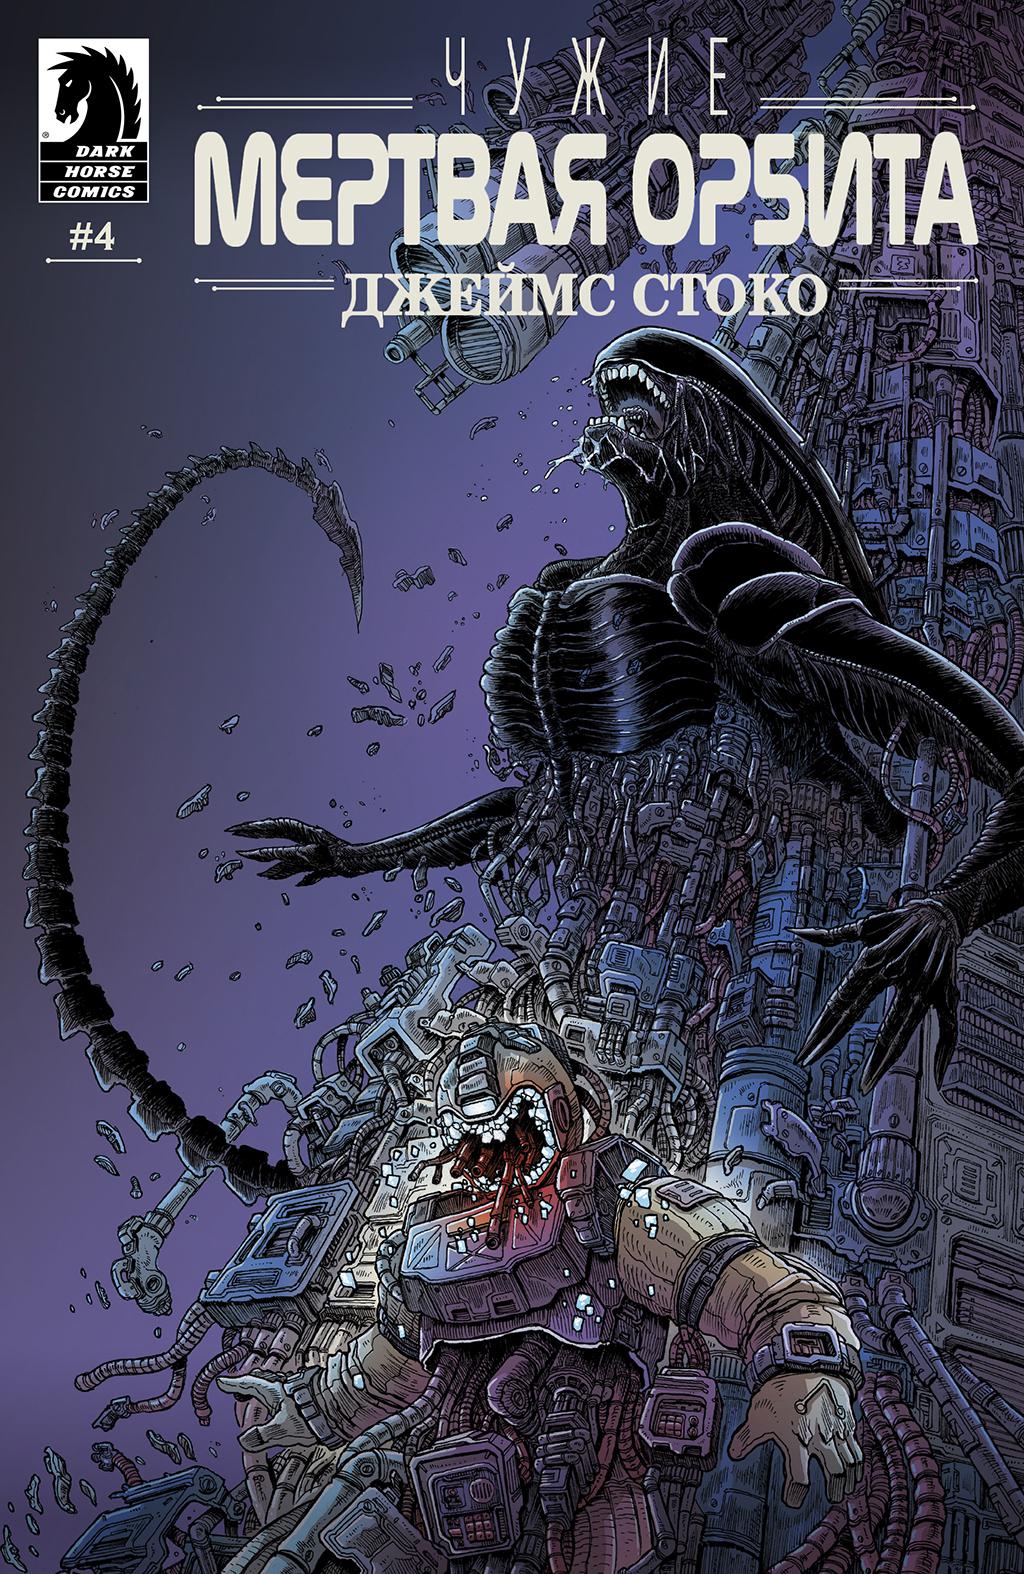 Комикс Чужие: Мертвая Орбита